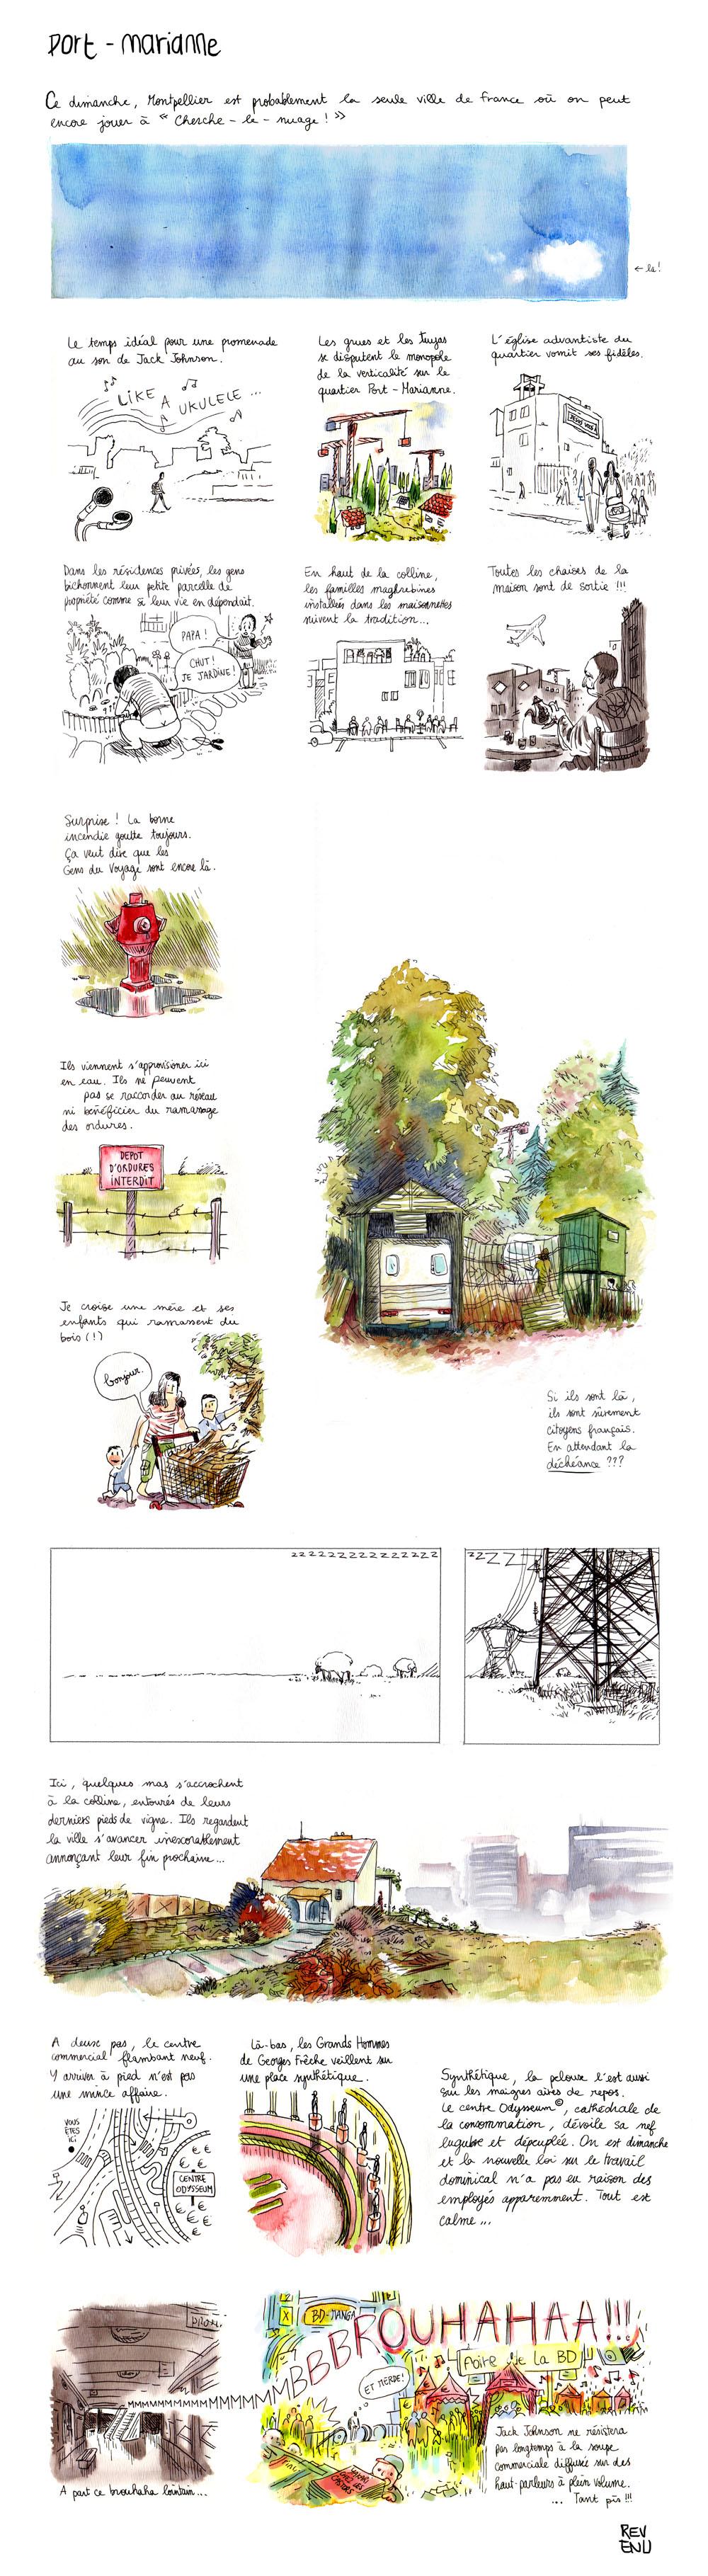 La balade de julien revenu dans le quartier port marianne de montpellier mo - Journal de montpellier ...